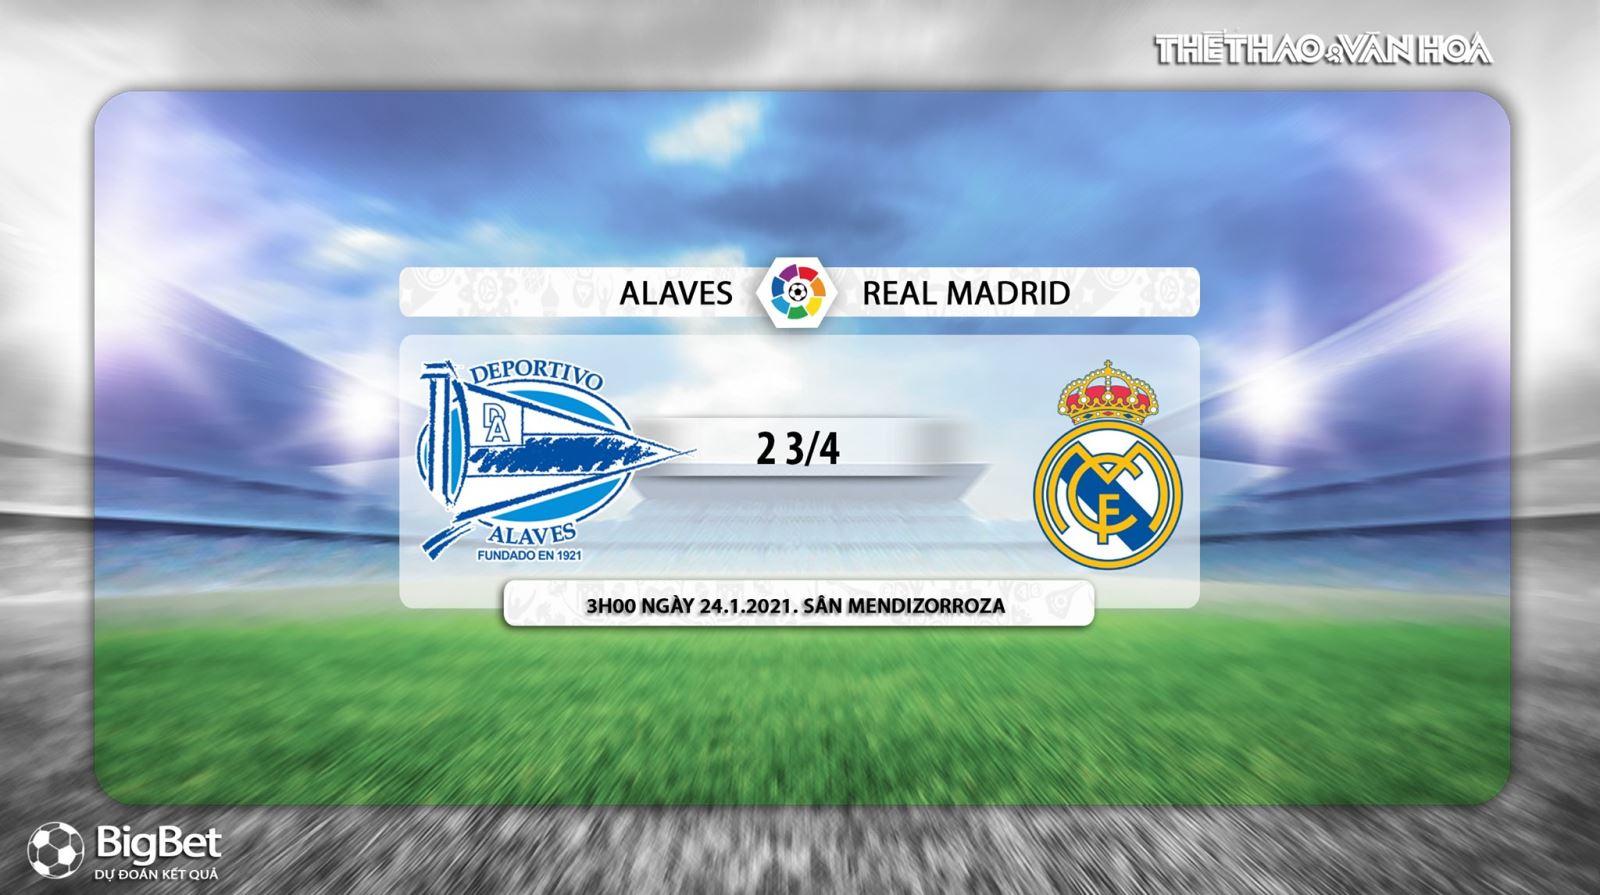 Link xem trực tiếp Alaves vs Real Madrid. BĐTV trực tiếp bóng đá Tây Ban Nha, trực tiếp Alaves vs Real Madrid, xem bóng đá trực tuyến, kèo nhà cái Alaves vs Real Madrid